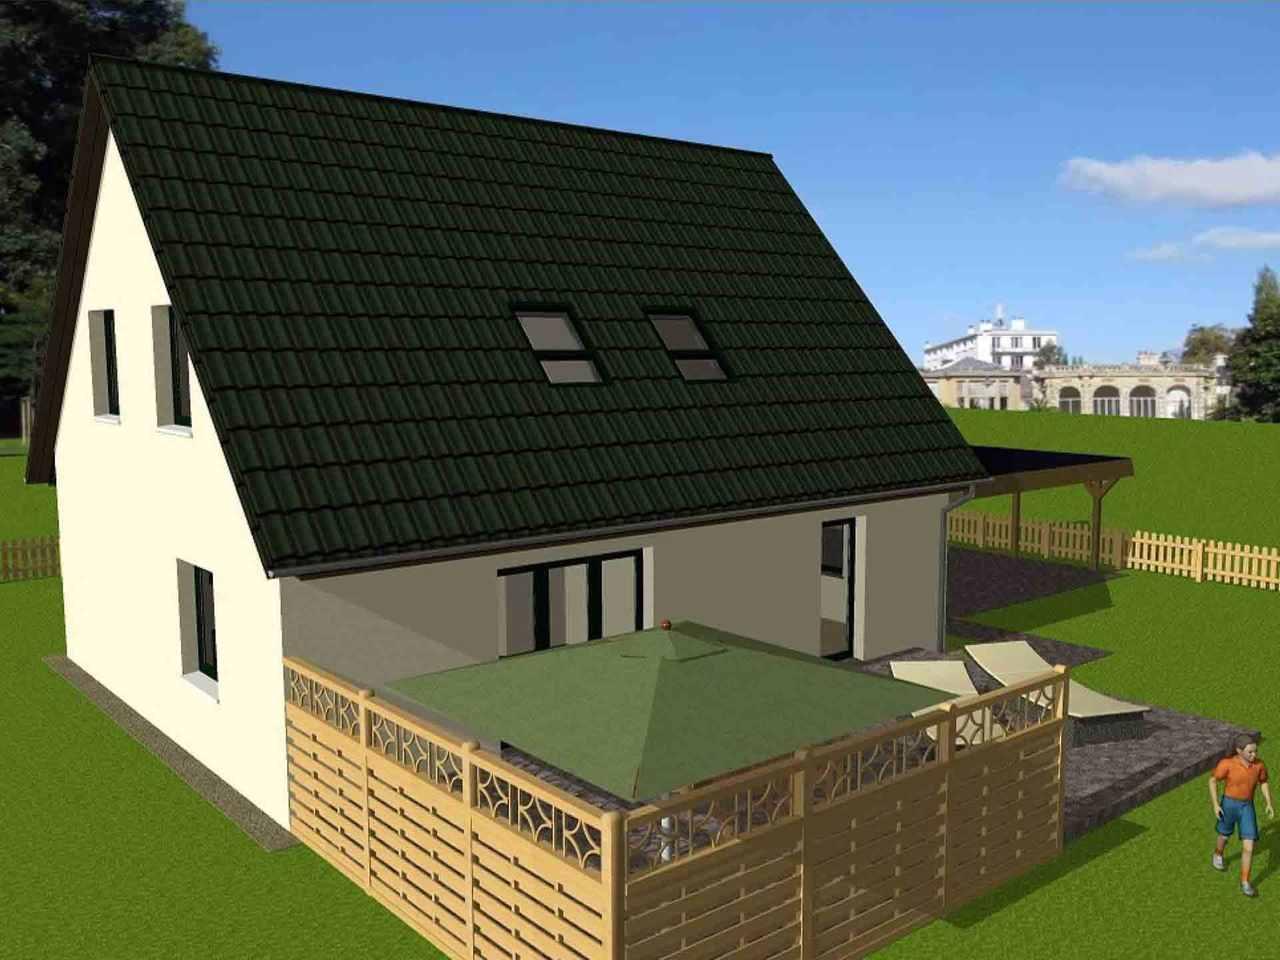 Friesenhaus - Massivhaus Mathwig Außenansicht: Garten